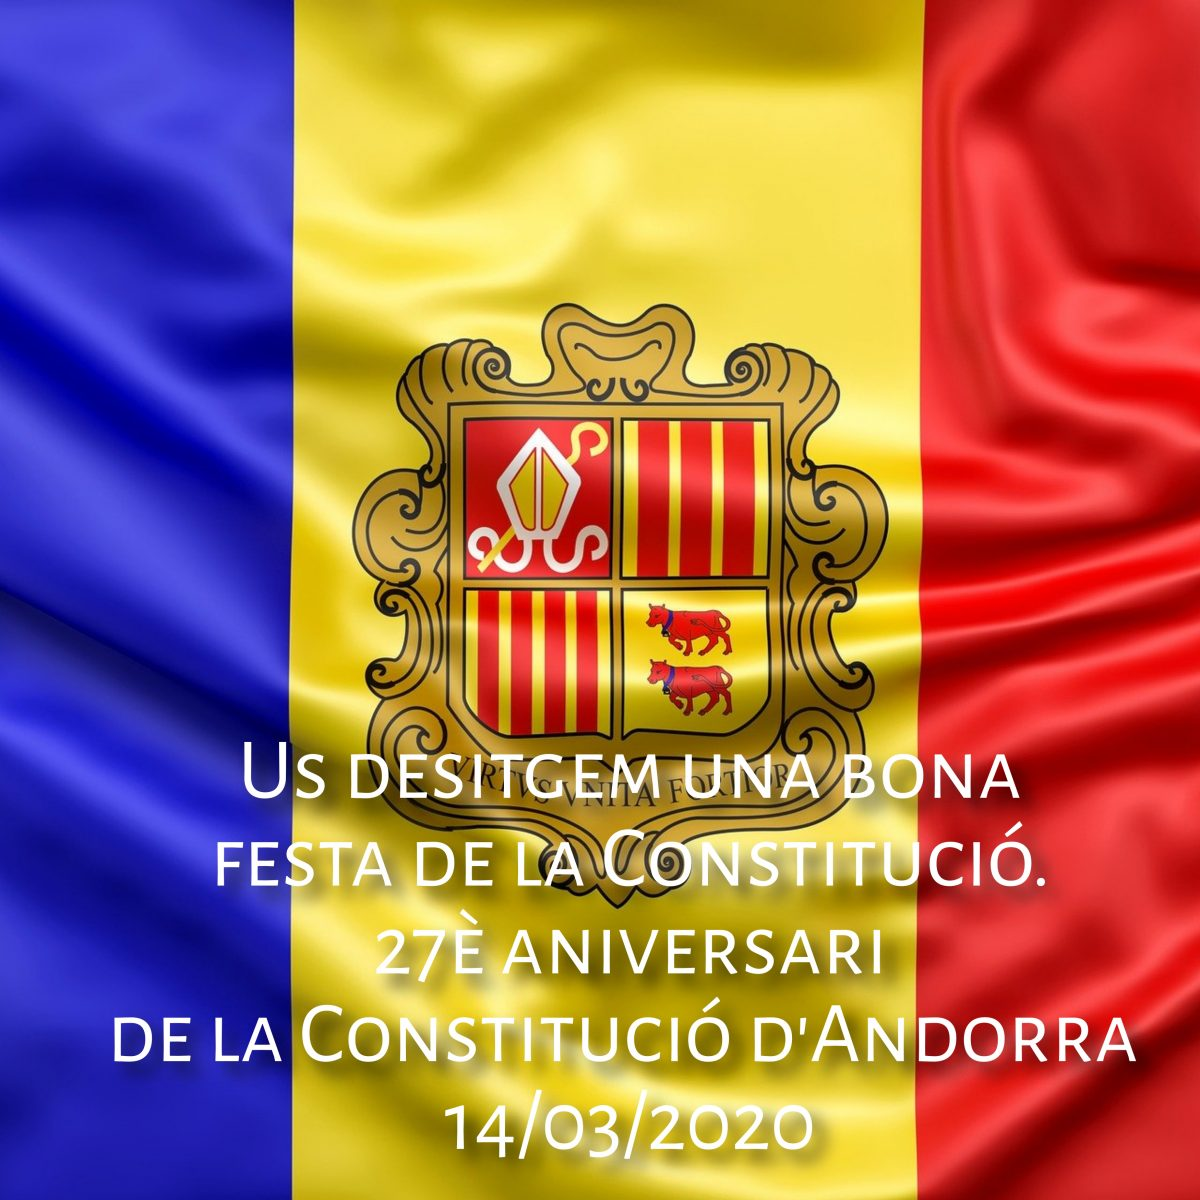 Volem desitjar-vos un feliç dia de la constitució d'Andorra 2020